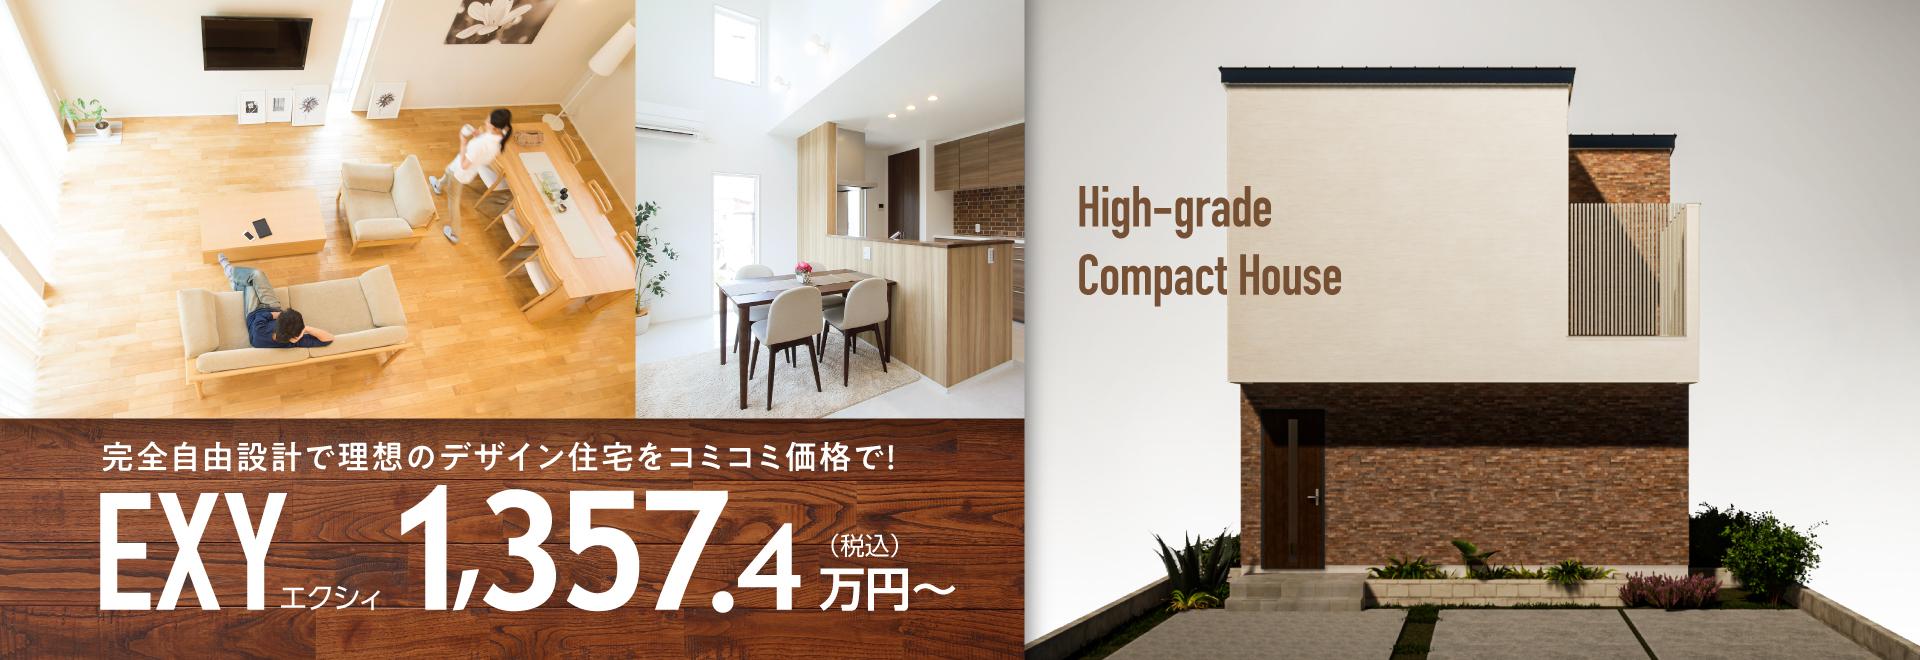 理想のデザイン住宅 EXY